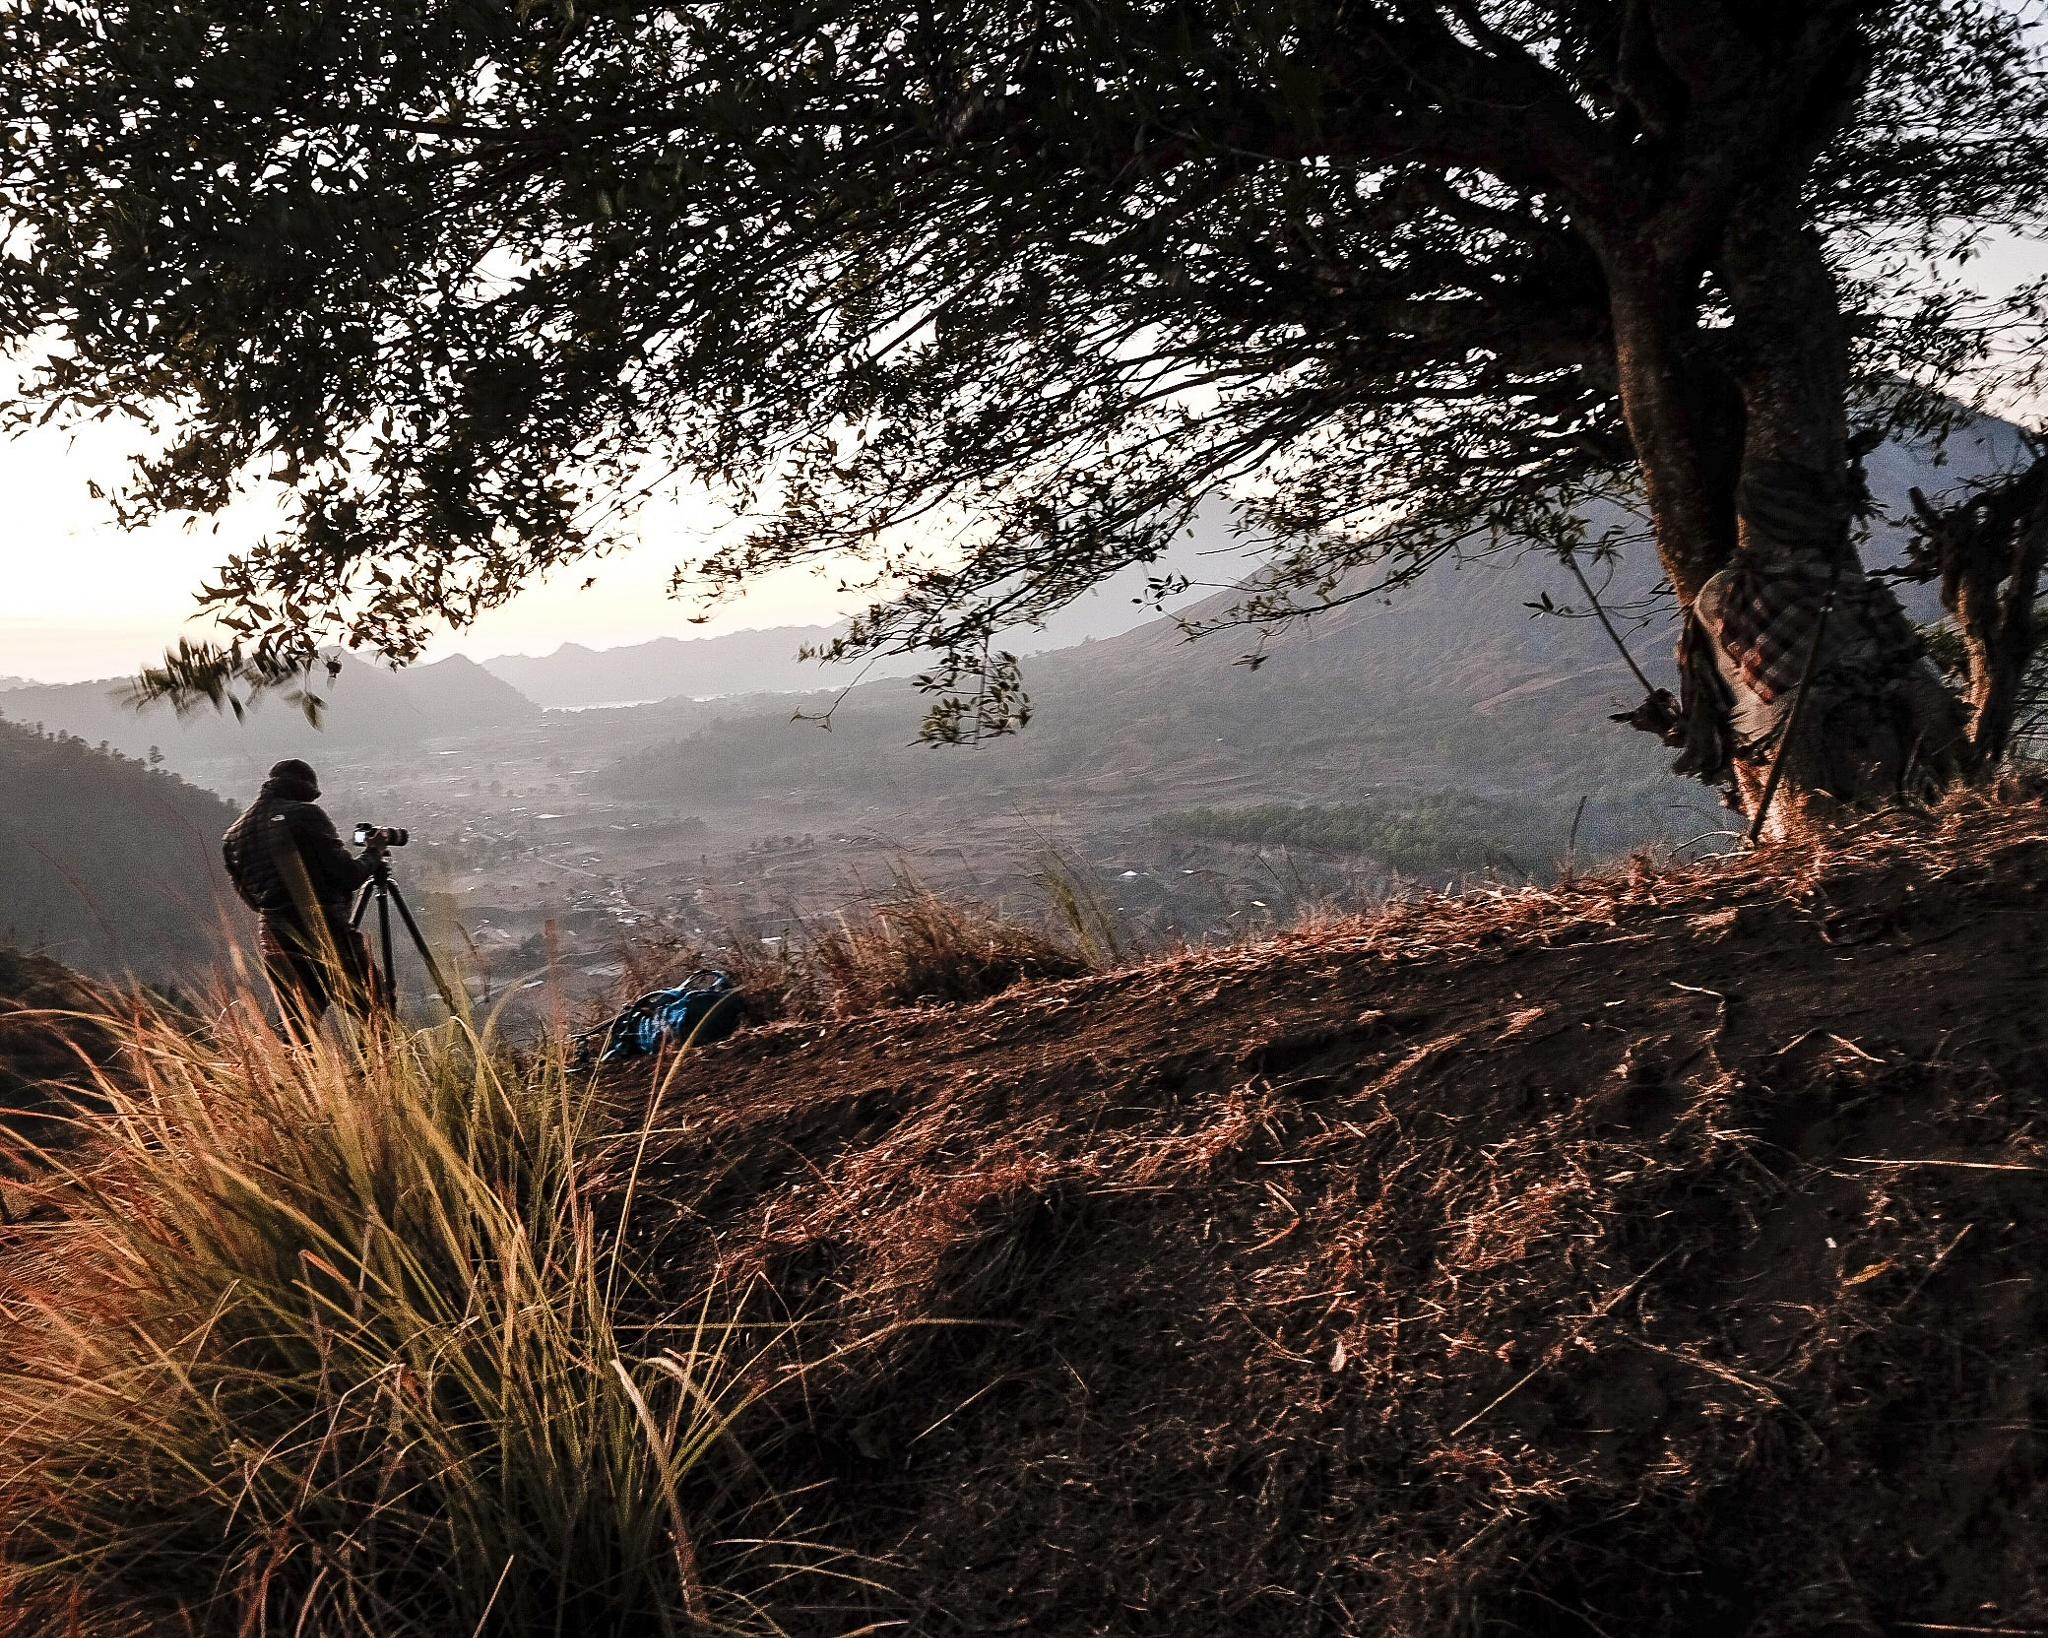 The photo stalker by Arif Abubakar